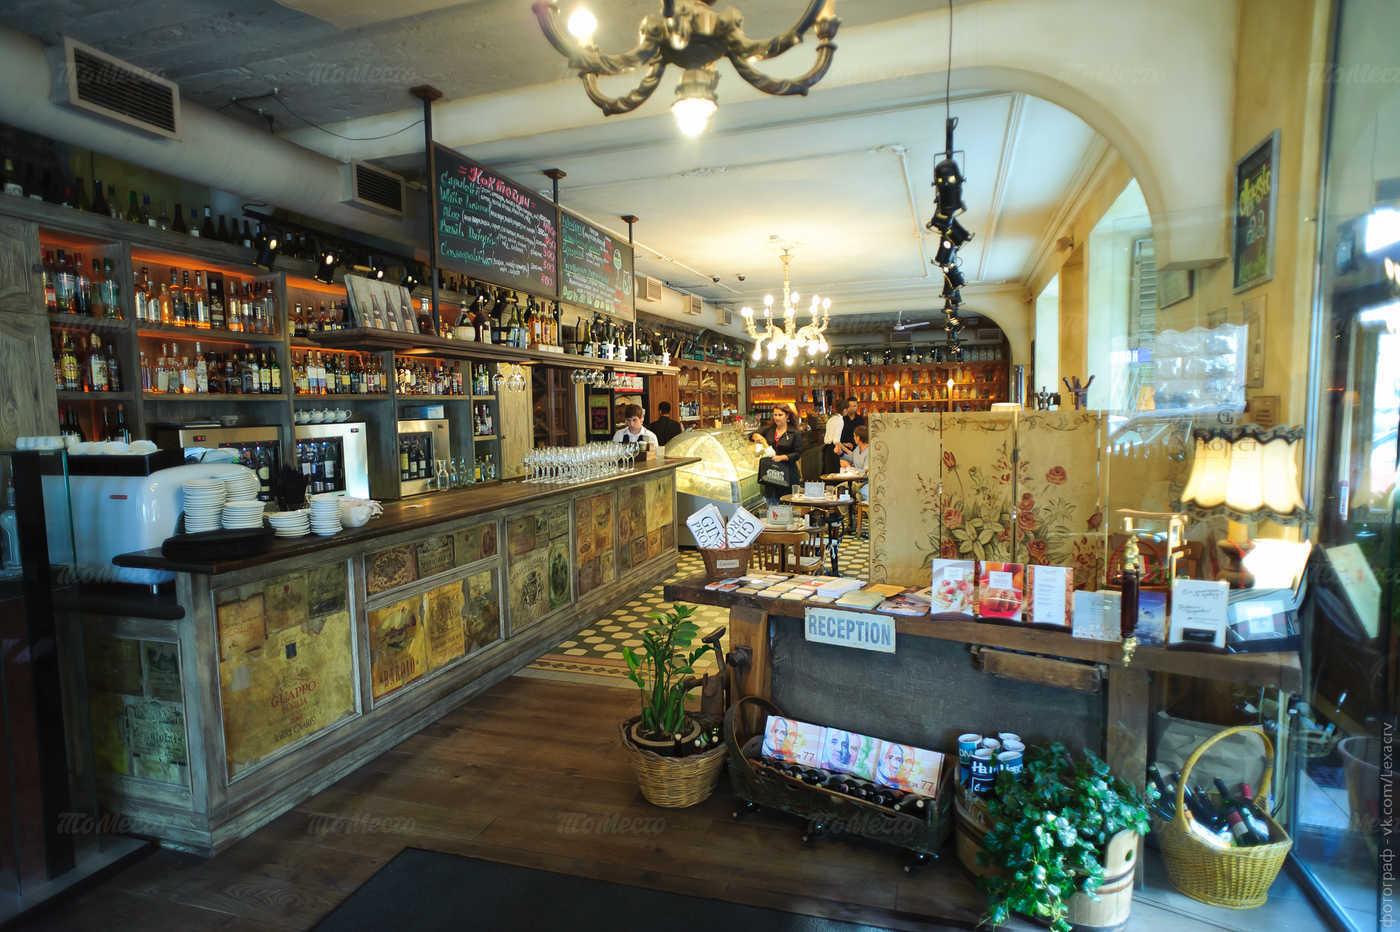 Меню кафе, ресторана Капулетти (Capuletti) на Малом проспекте П.С.